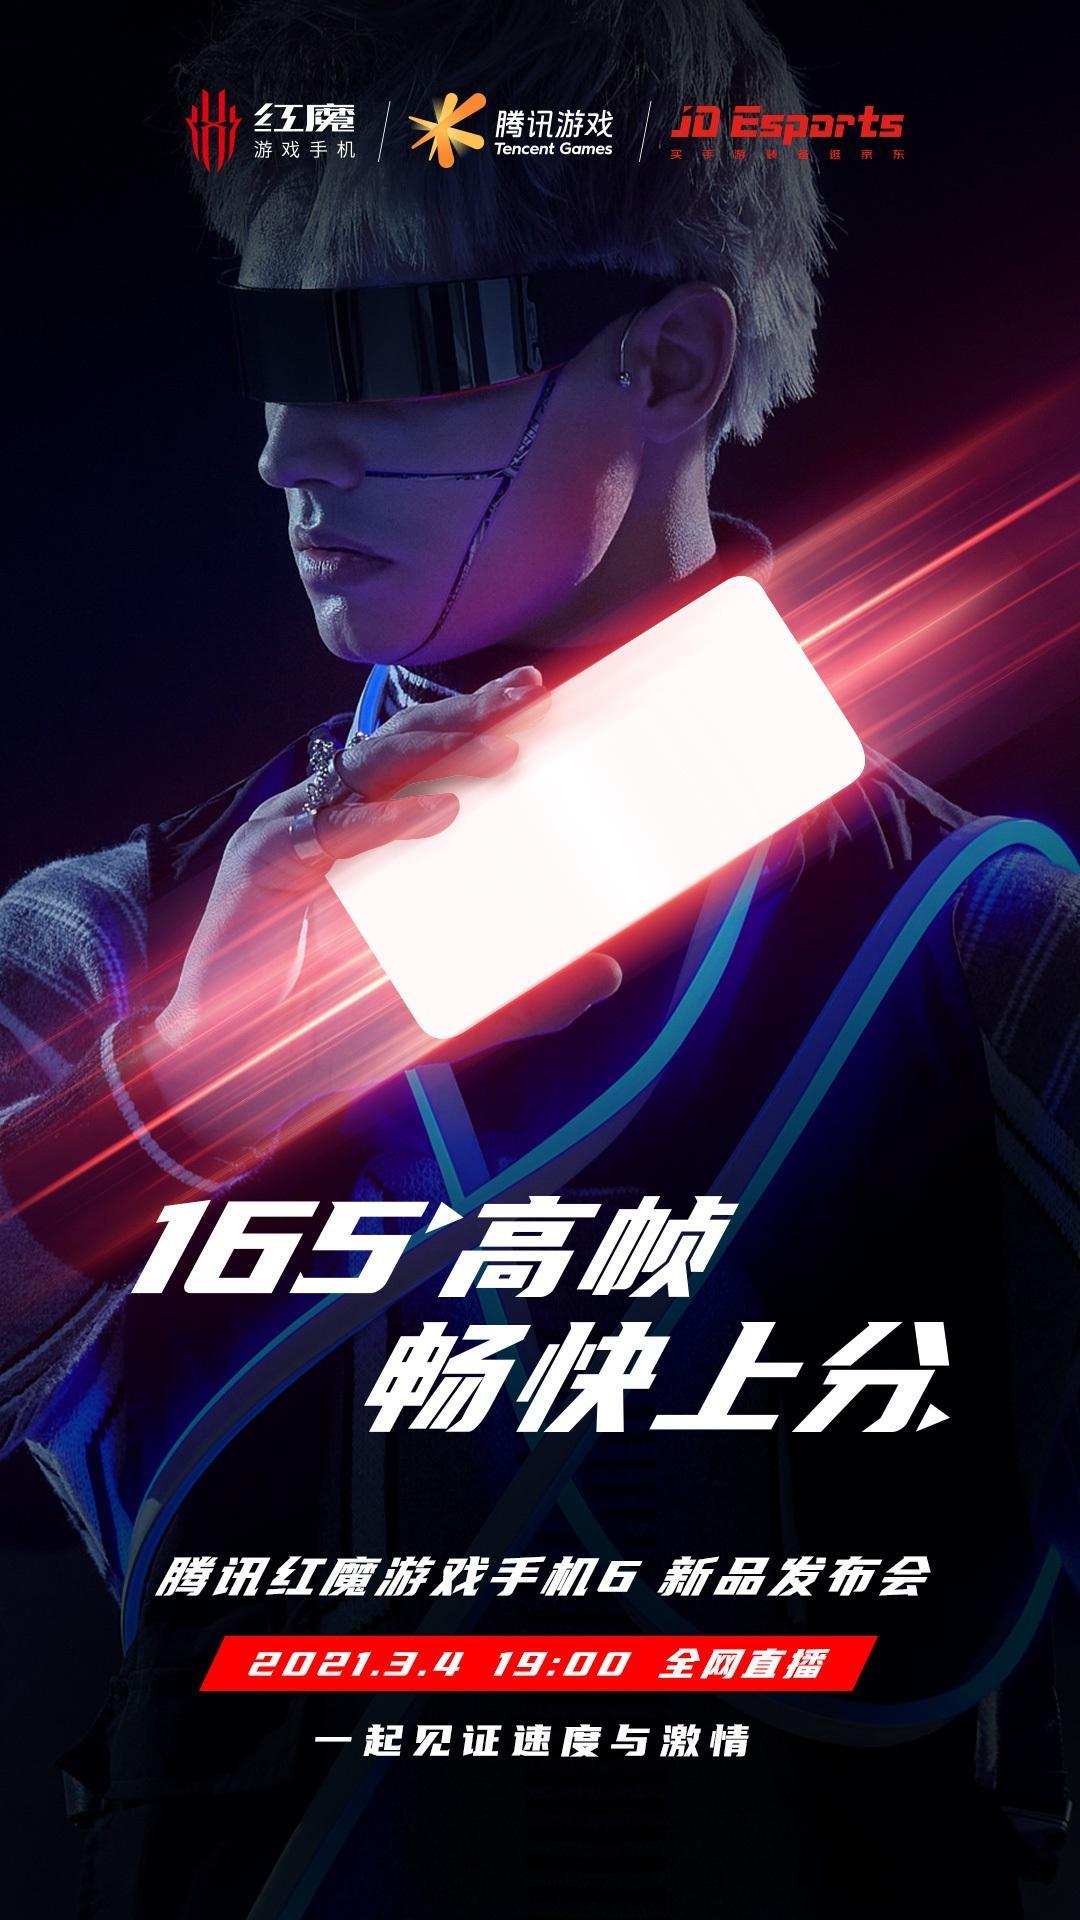 腾讯红魔游戏手机 6 上架京东 搭载骁龙 888 支持 165Hz 高刷